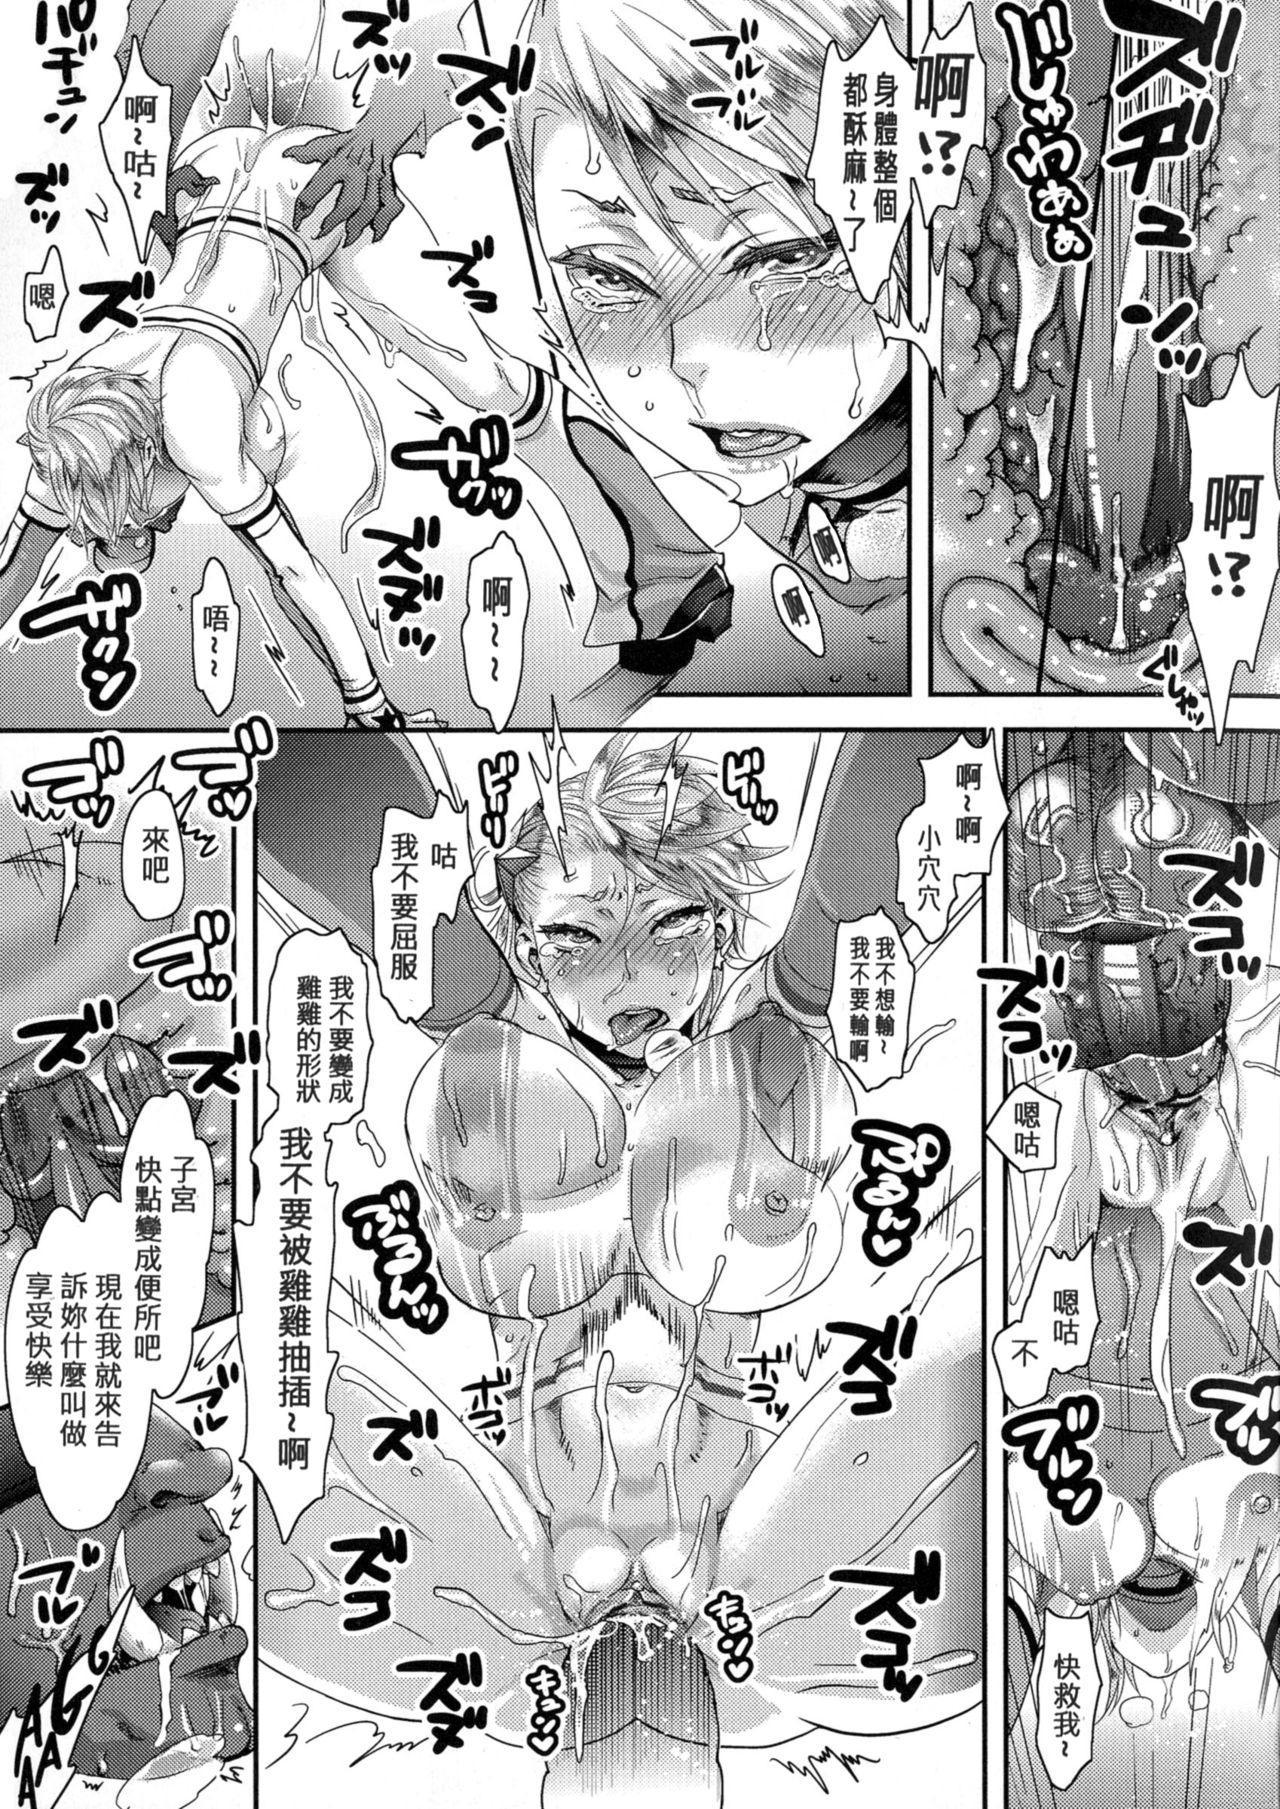 Chouki-sama no Ingyaku Yuugi 74